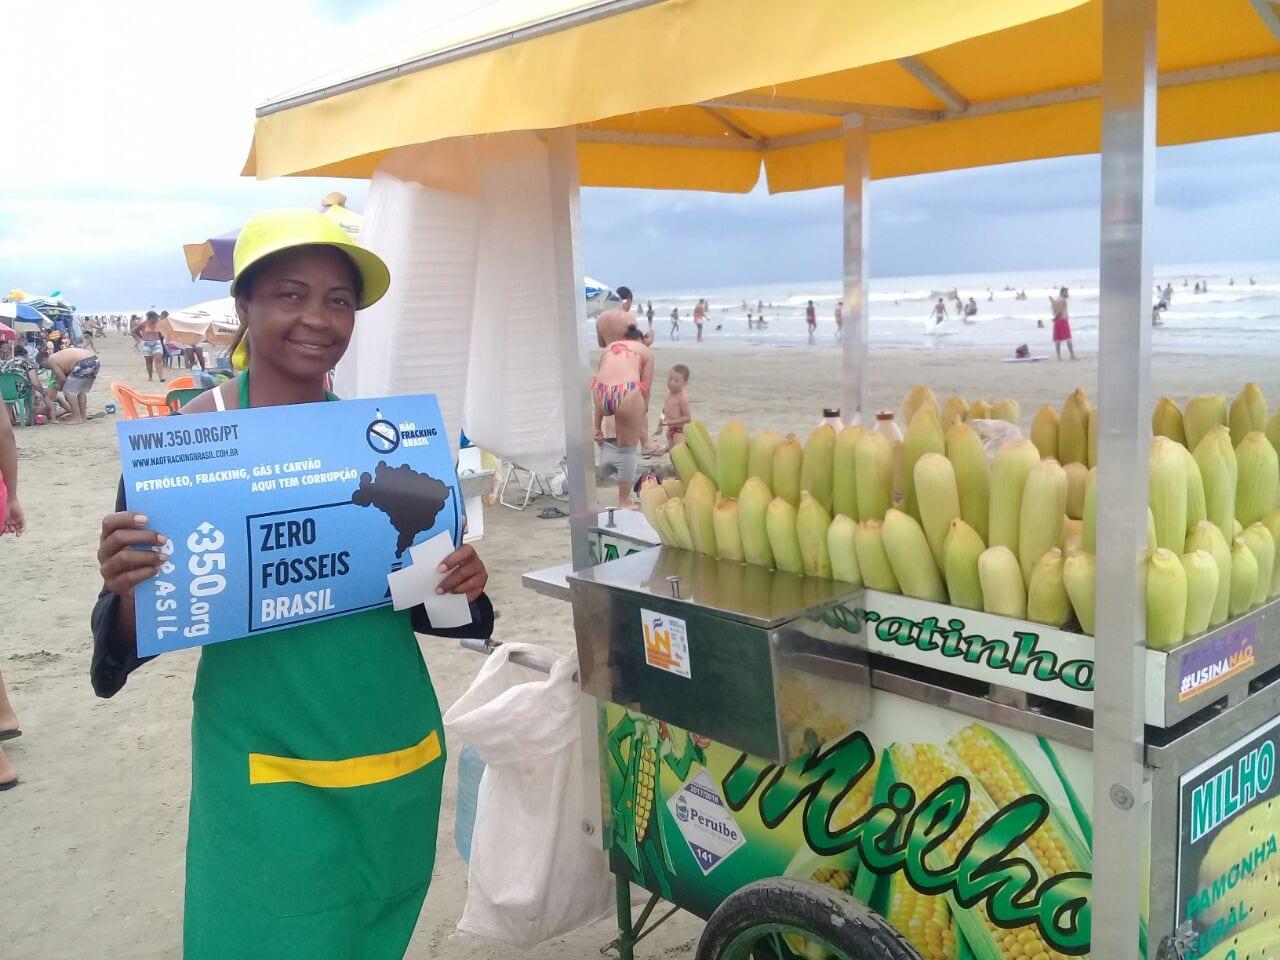 Verão: tempo de férias e conscientização em Peruíbe/SP